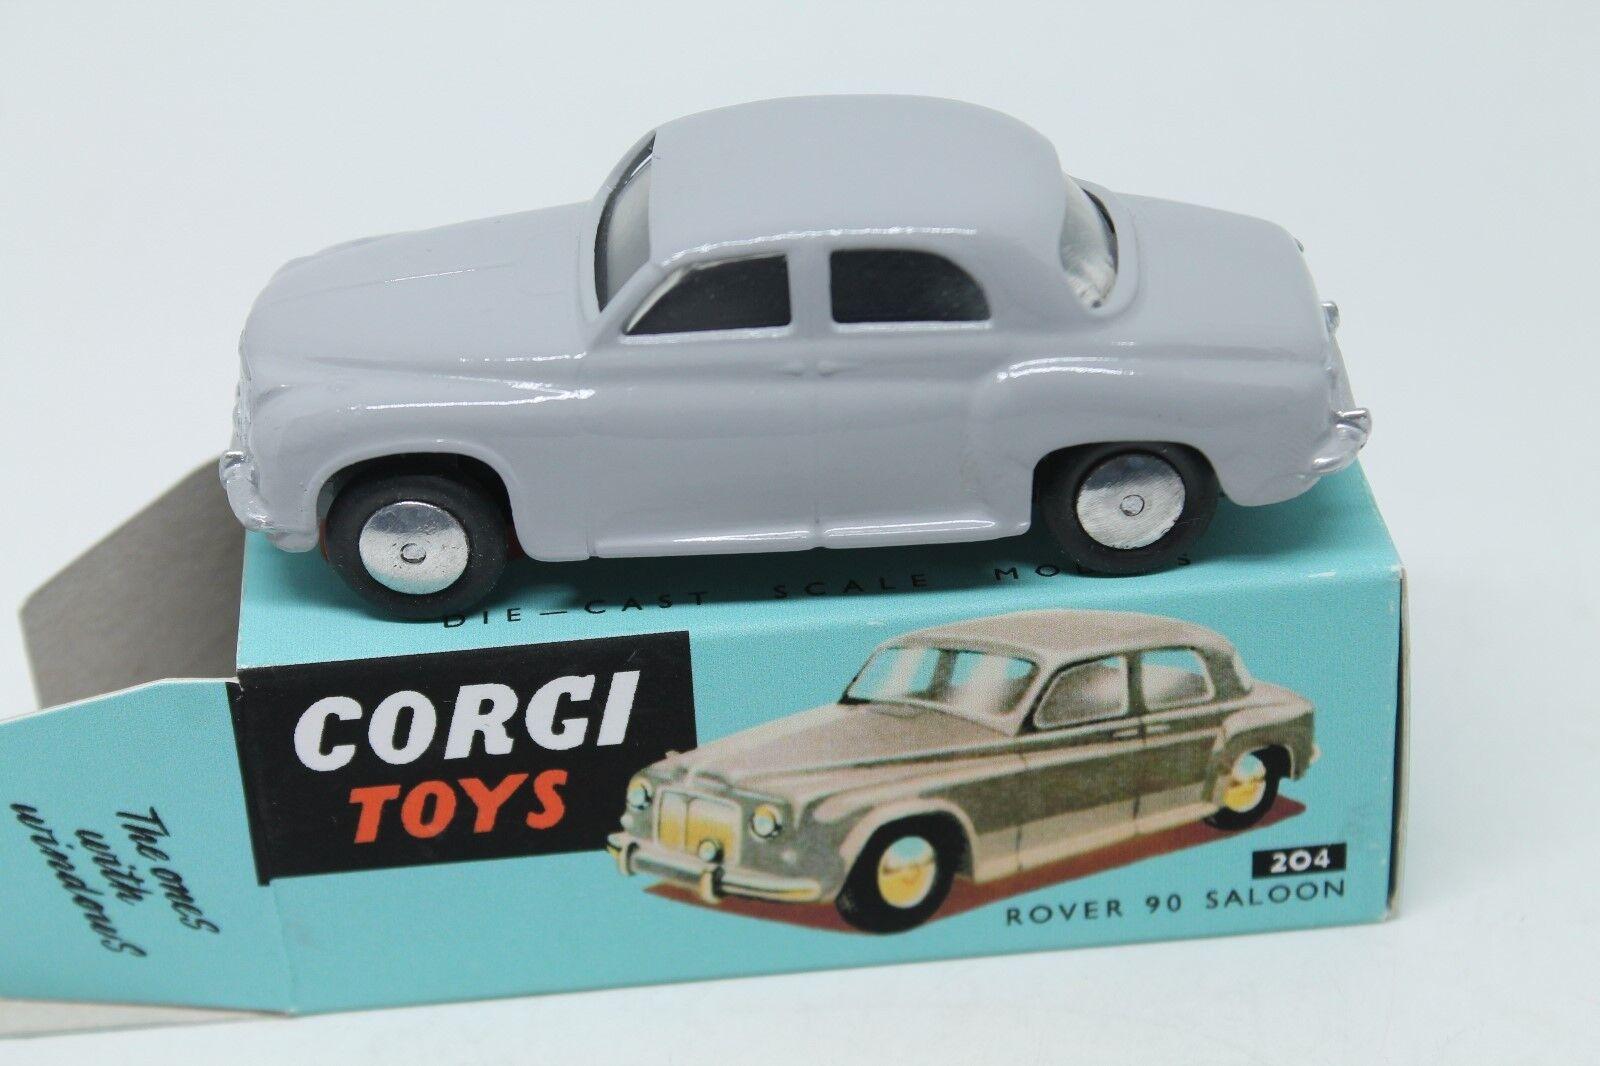 Corgi toys 204  Rover 90  1 43